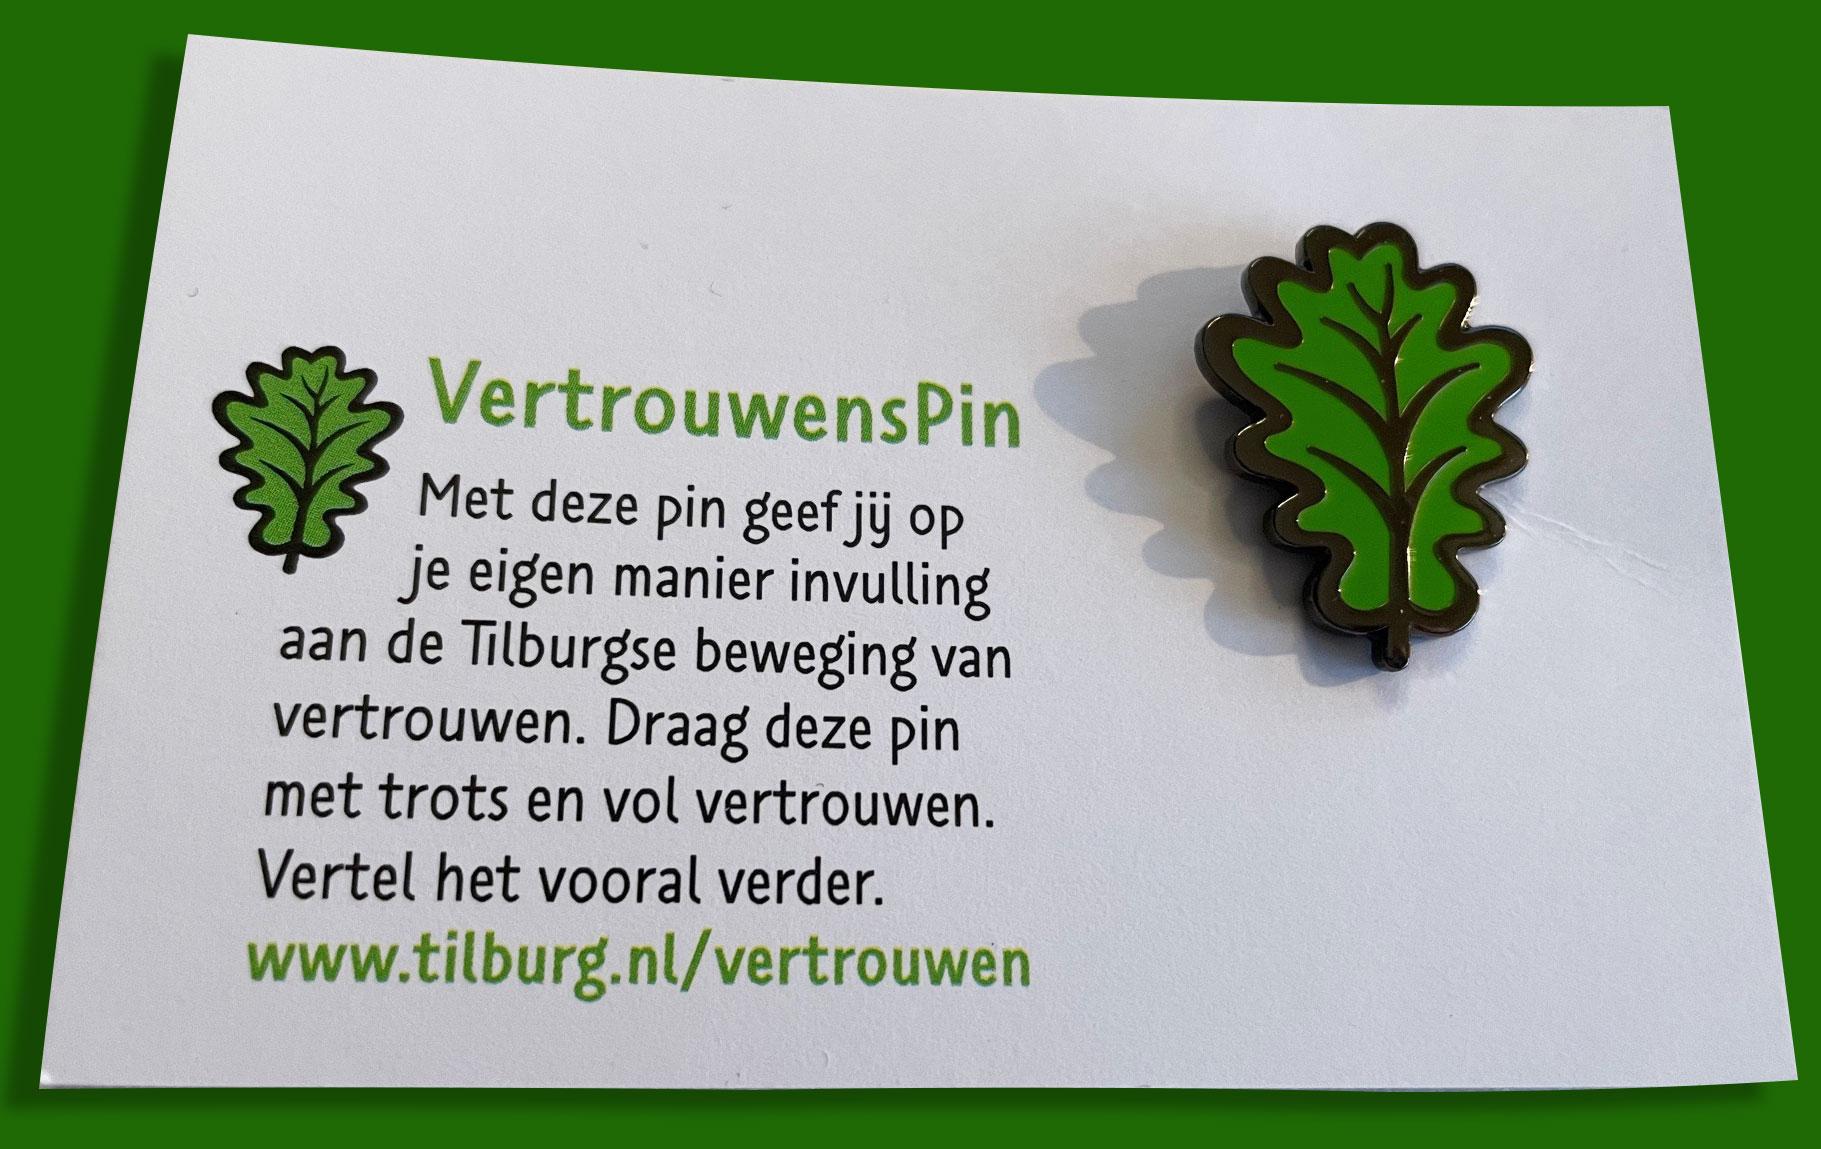 Tilburg Start Beweging Van Vertrouwen